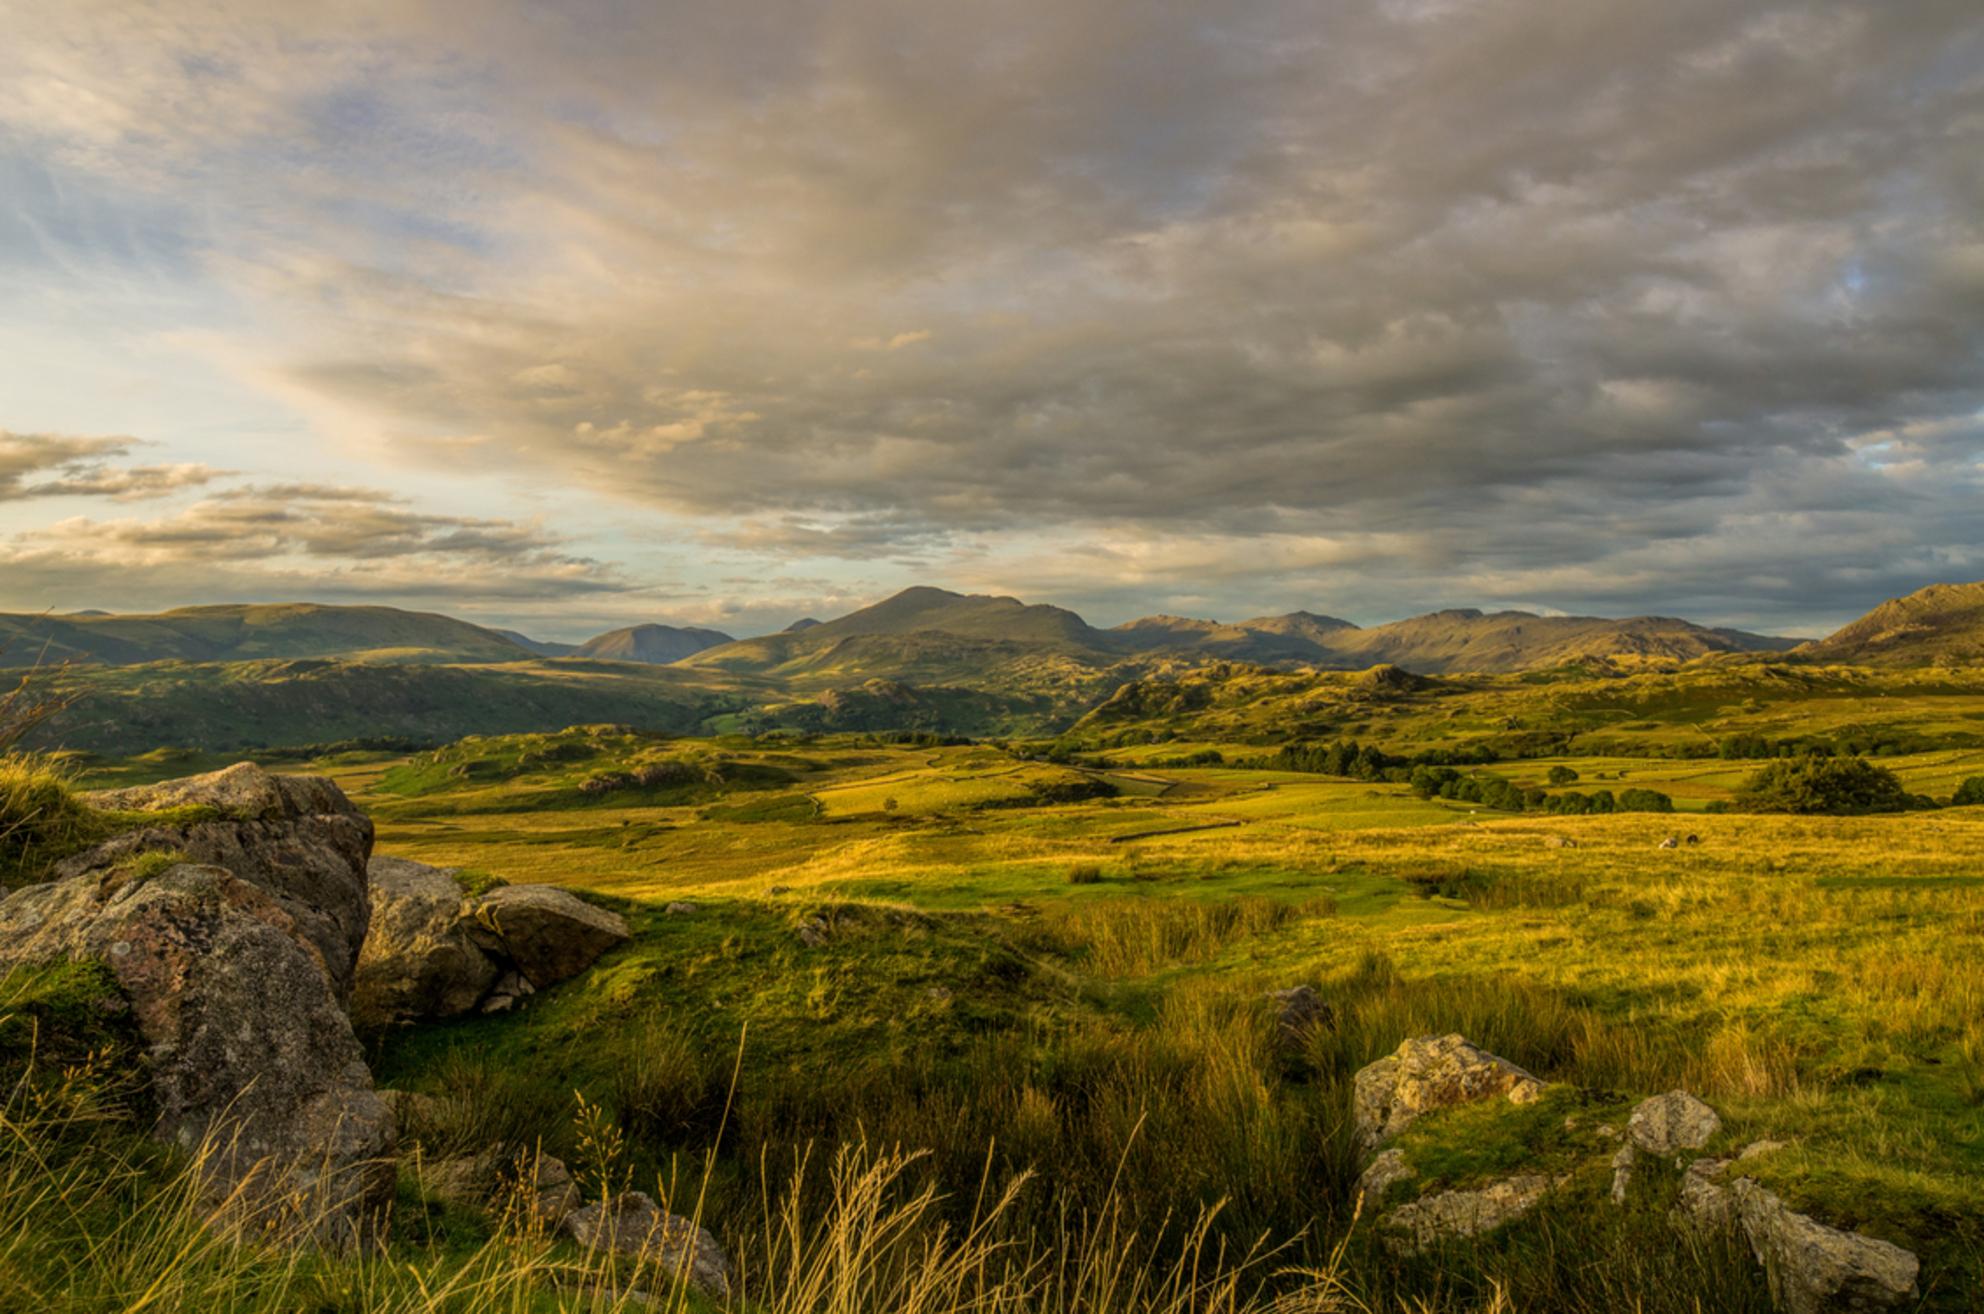 Avond in The Lake District - Avond in Birker Fell - foto door pentaxfan op 28-10-2017